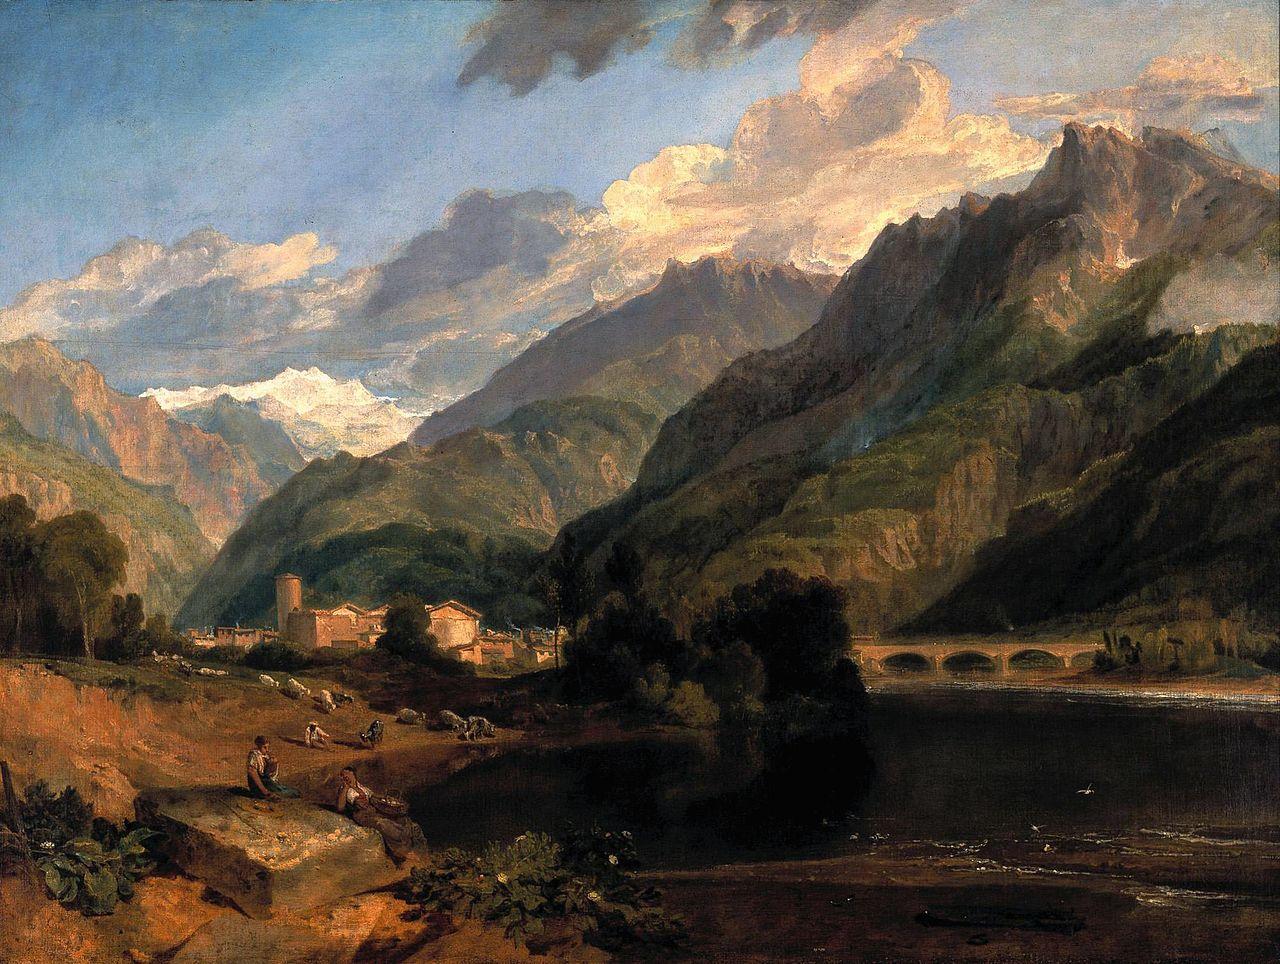 约瑟夫·马洛德·威廉·特纳RA英国画家Joseph Mallord William Turner, RA ( British 1775 –  1851) - 文铮 - 柳州文铮